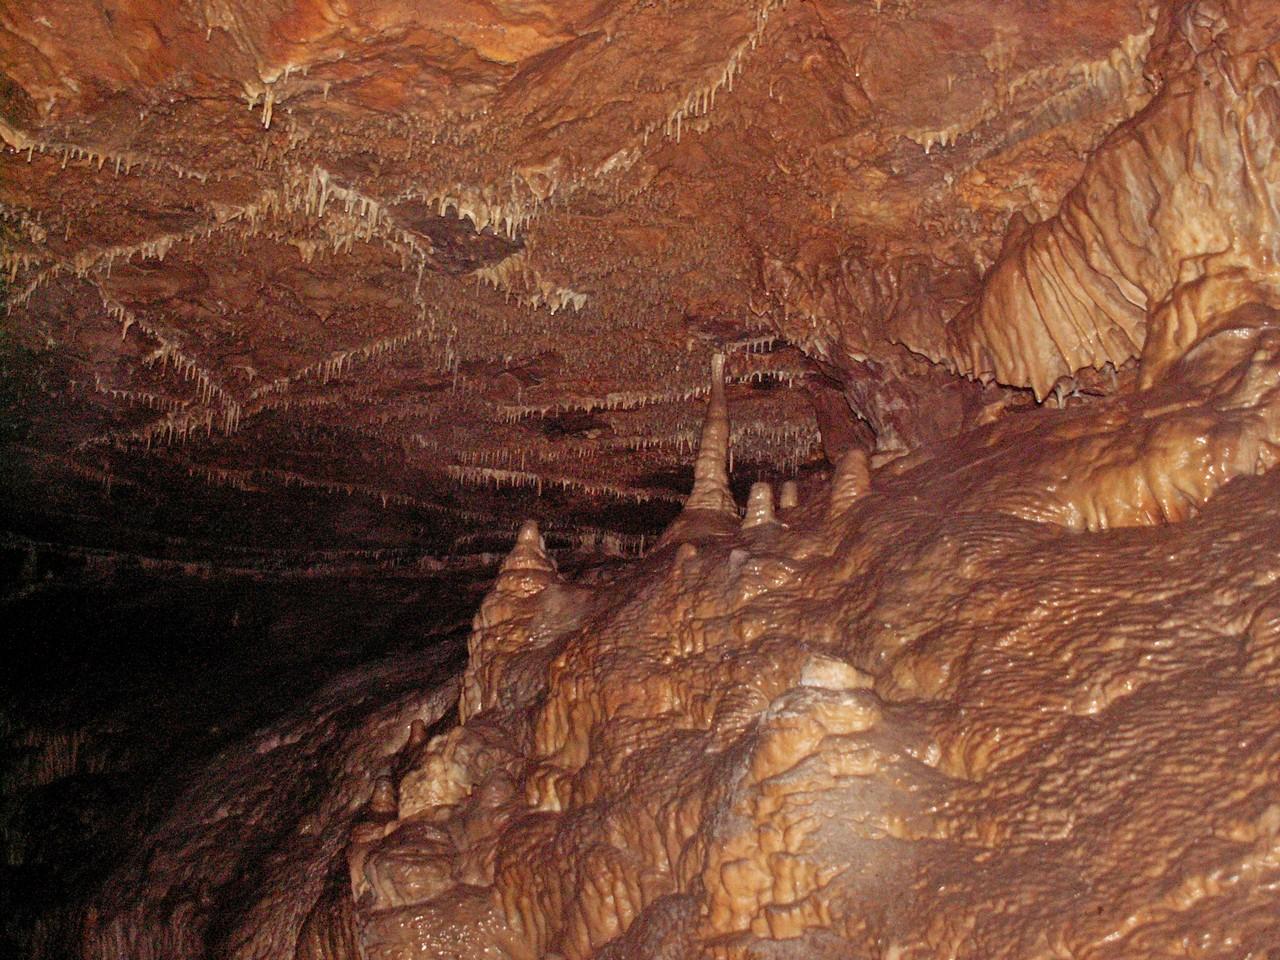 Макароны,сталактиты, сталагмиты и сталагнаты